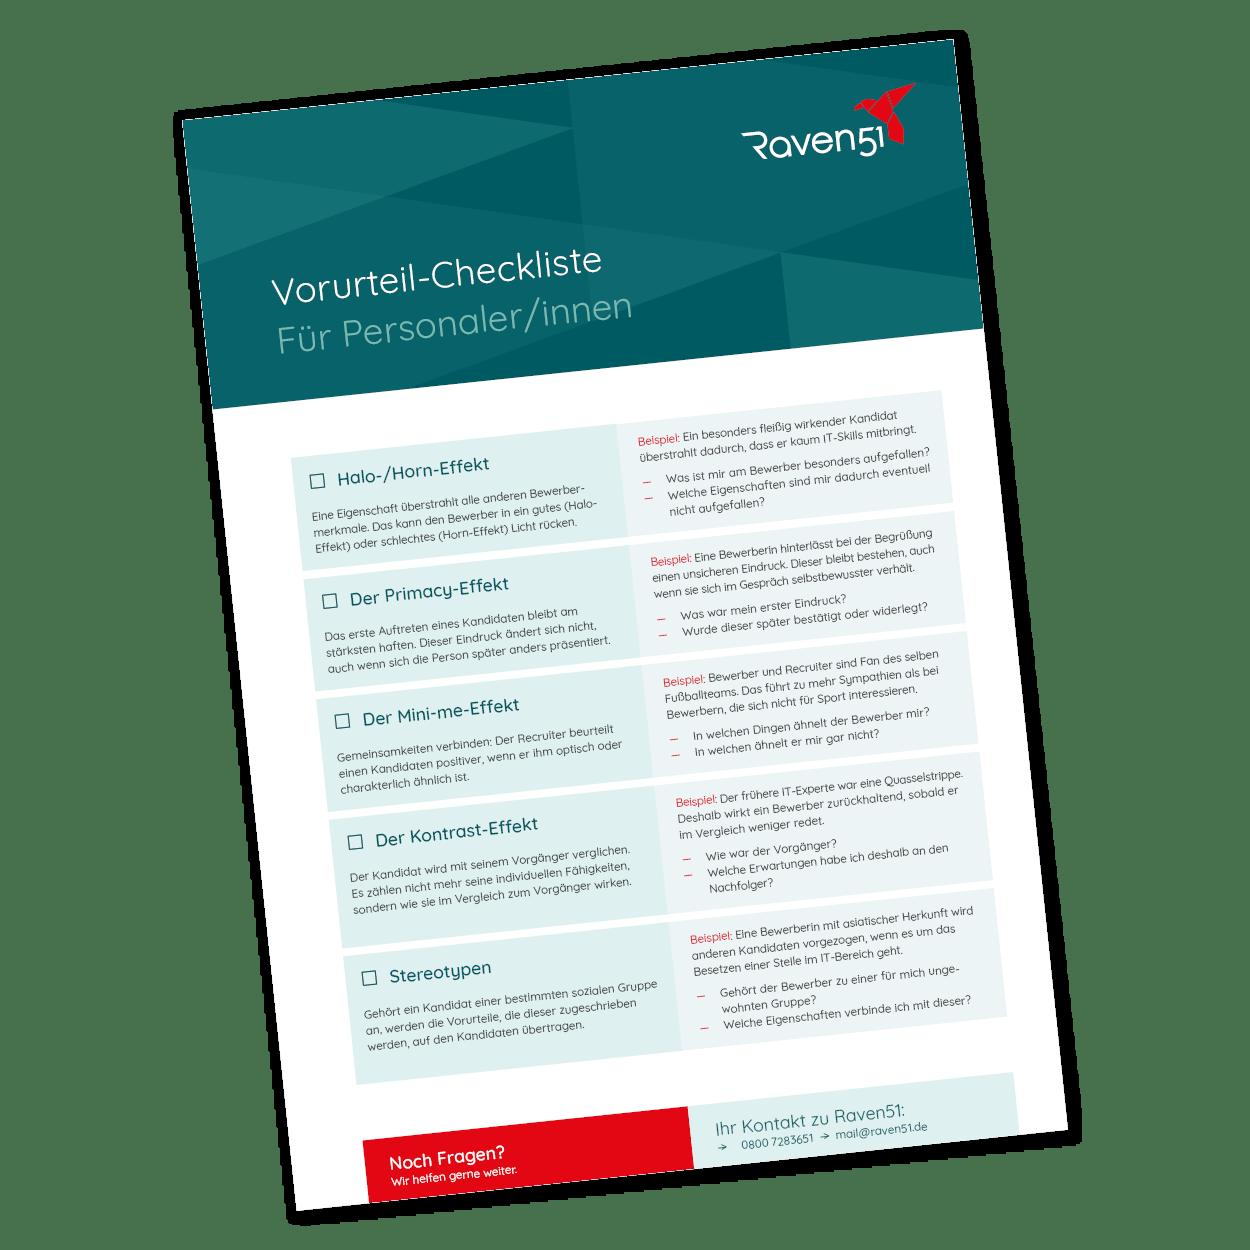 Checkliste Voruteile im Vorstellungsgespräch